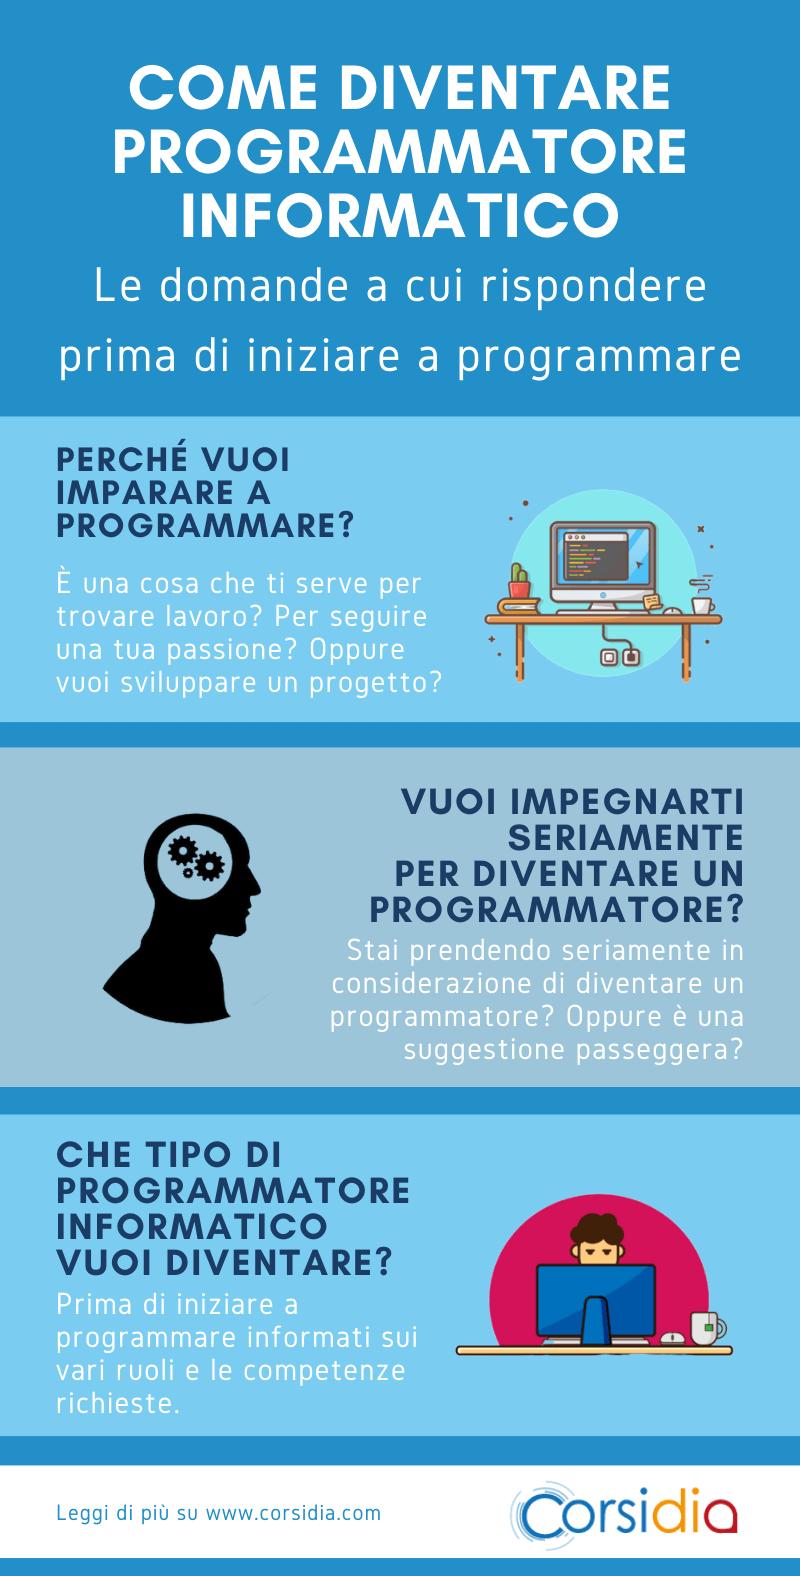 Infografica con le domande a cui rispondere per diventare programmatori